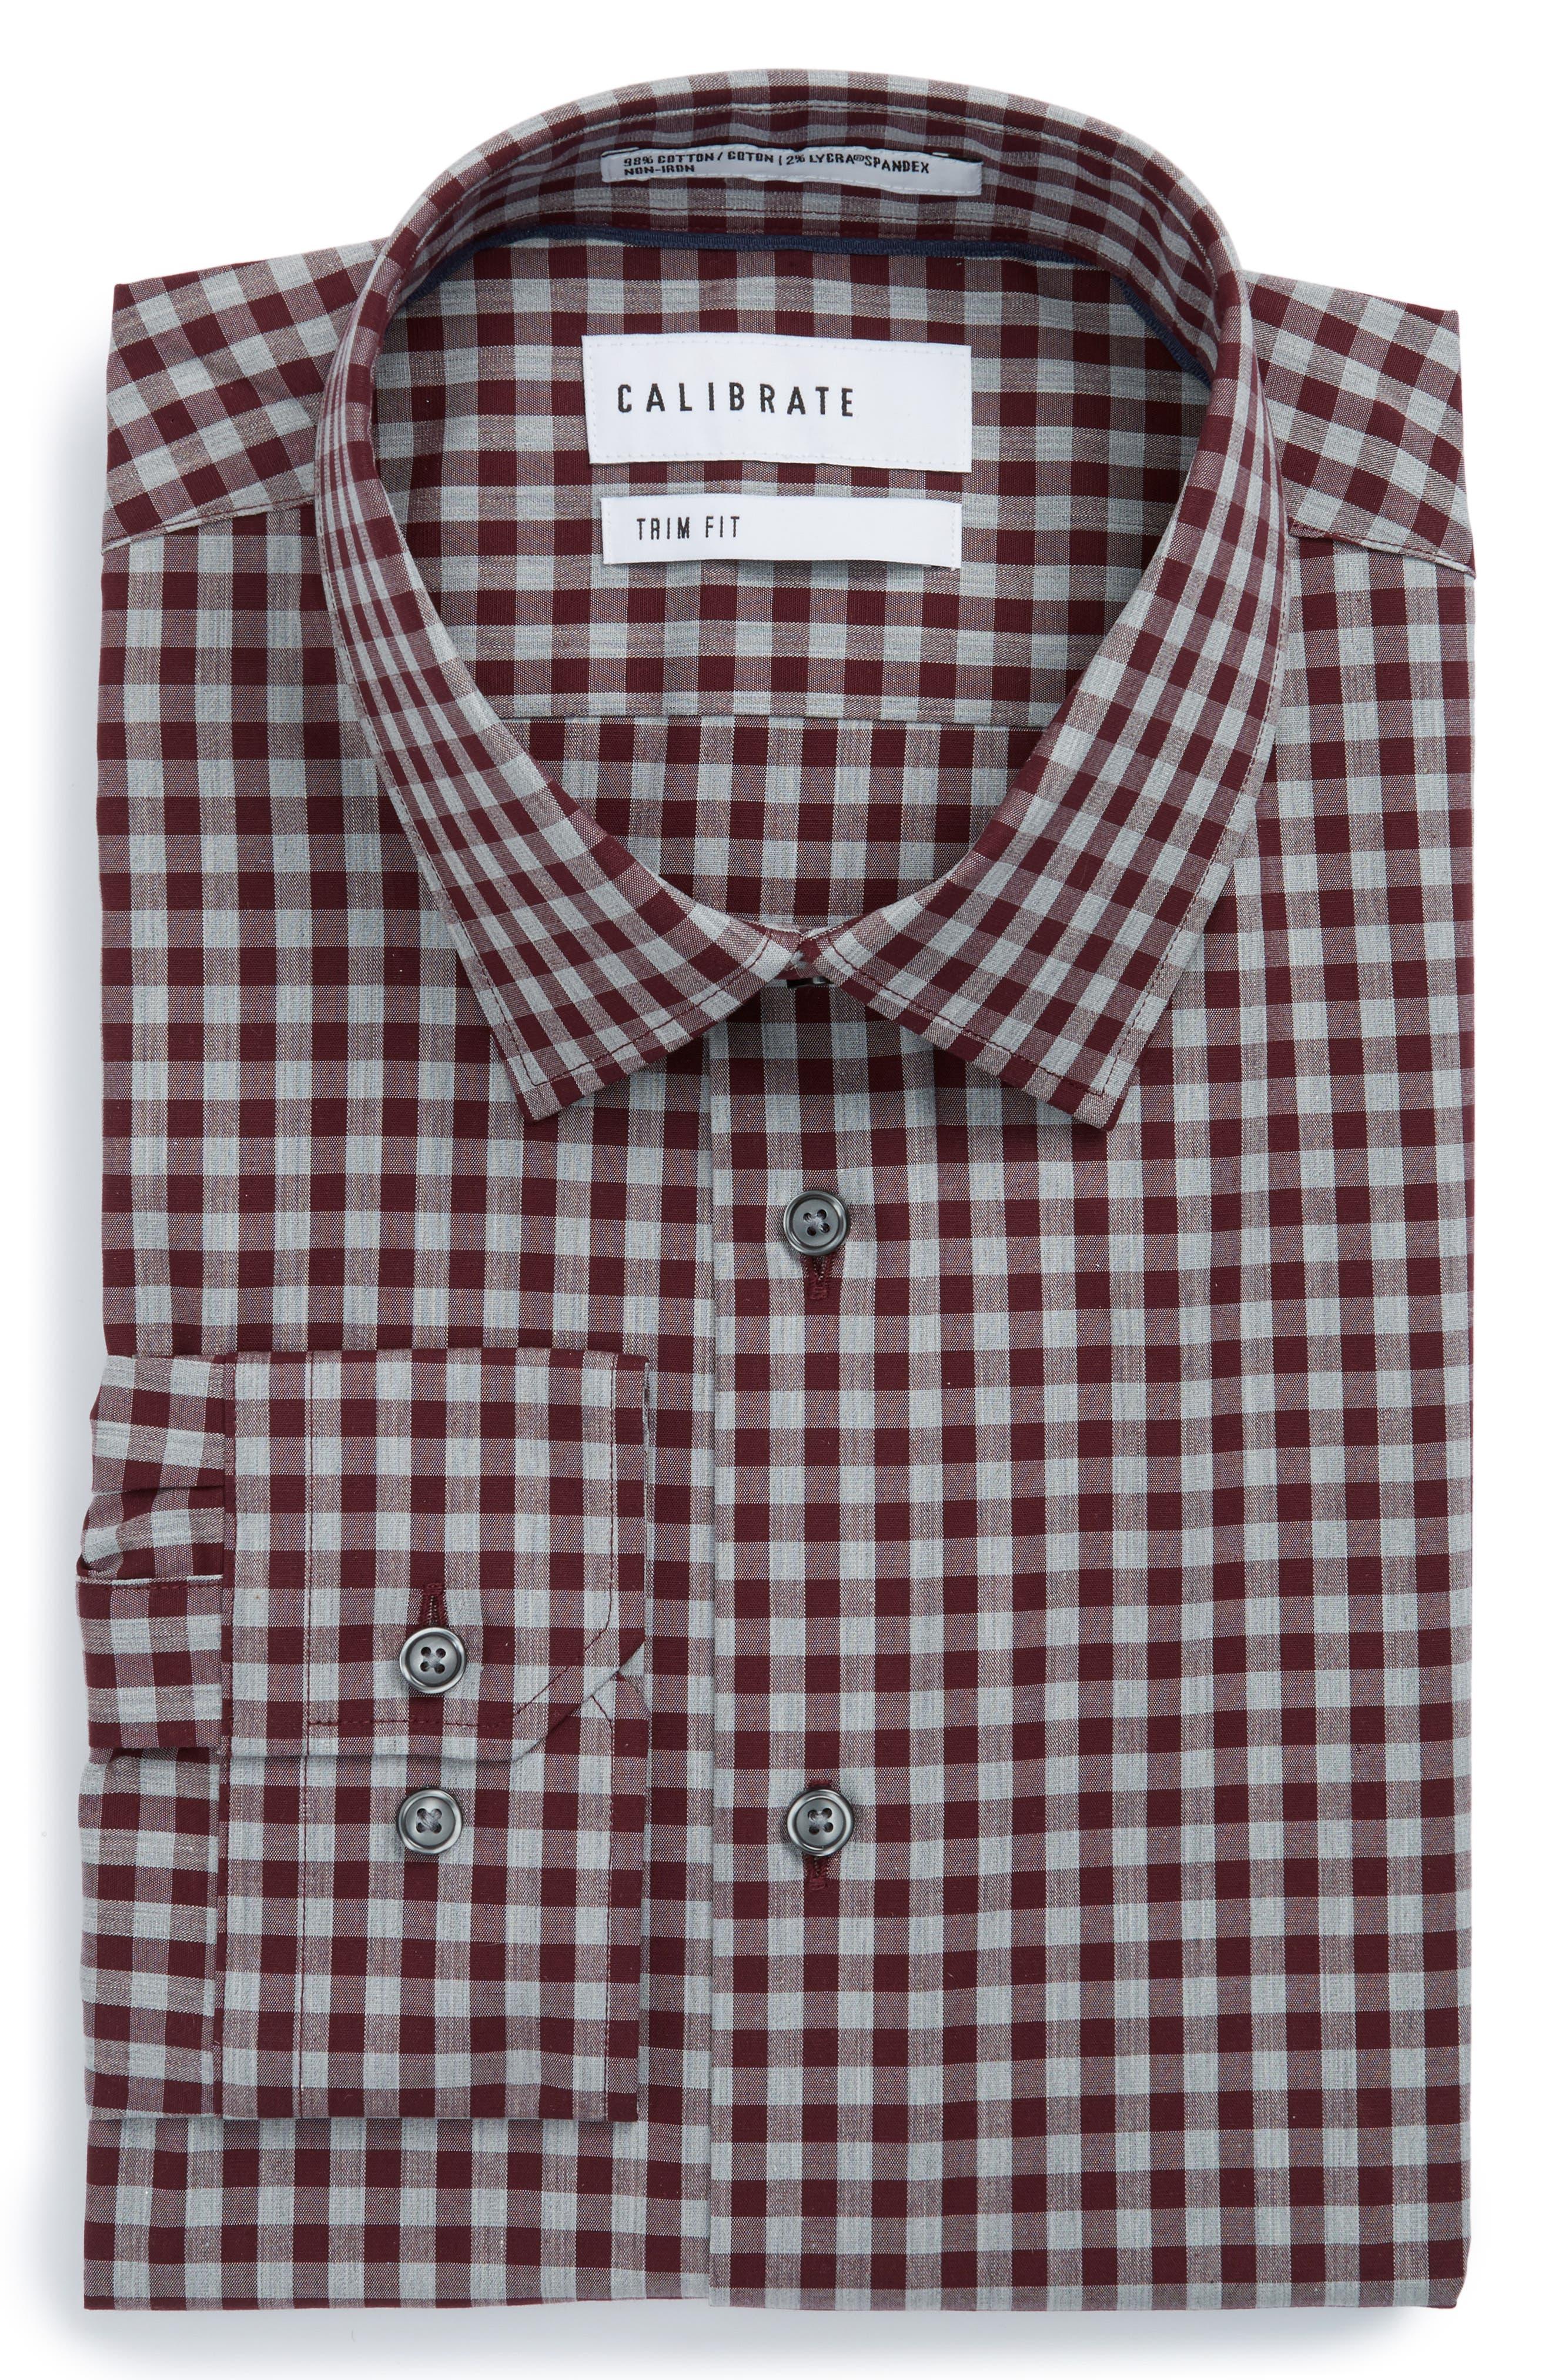 Calibrate Trim Fit No-Iron Check Stretch Dress Shirt